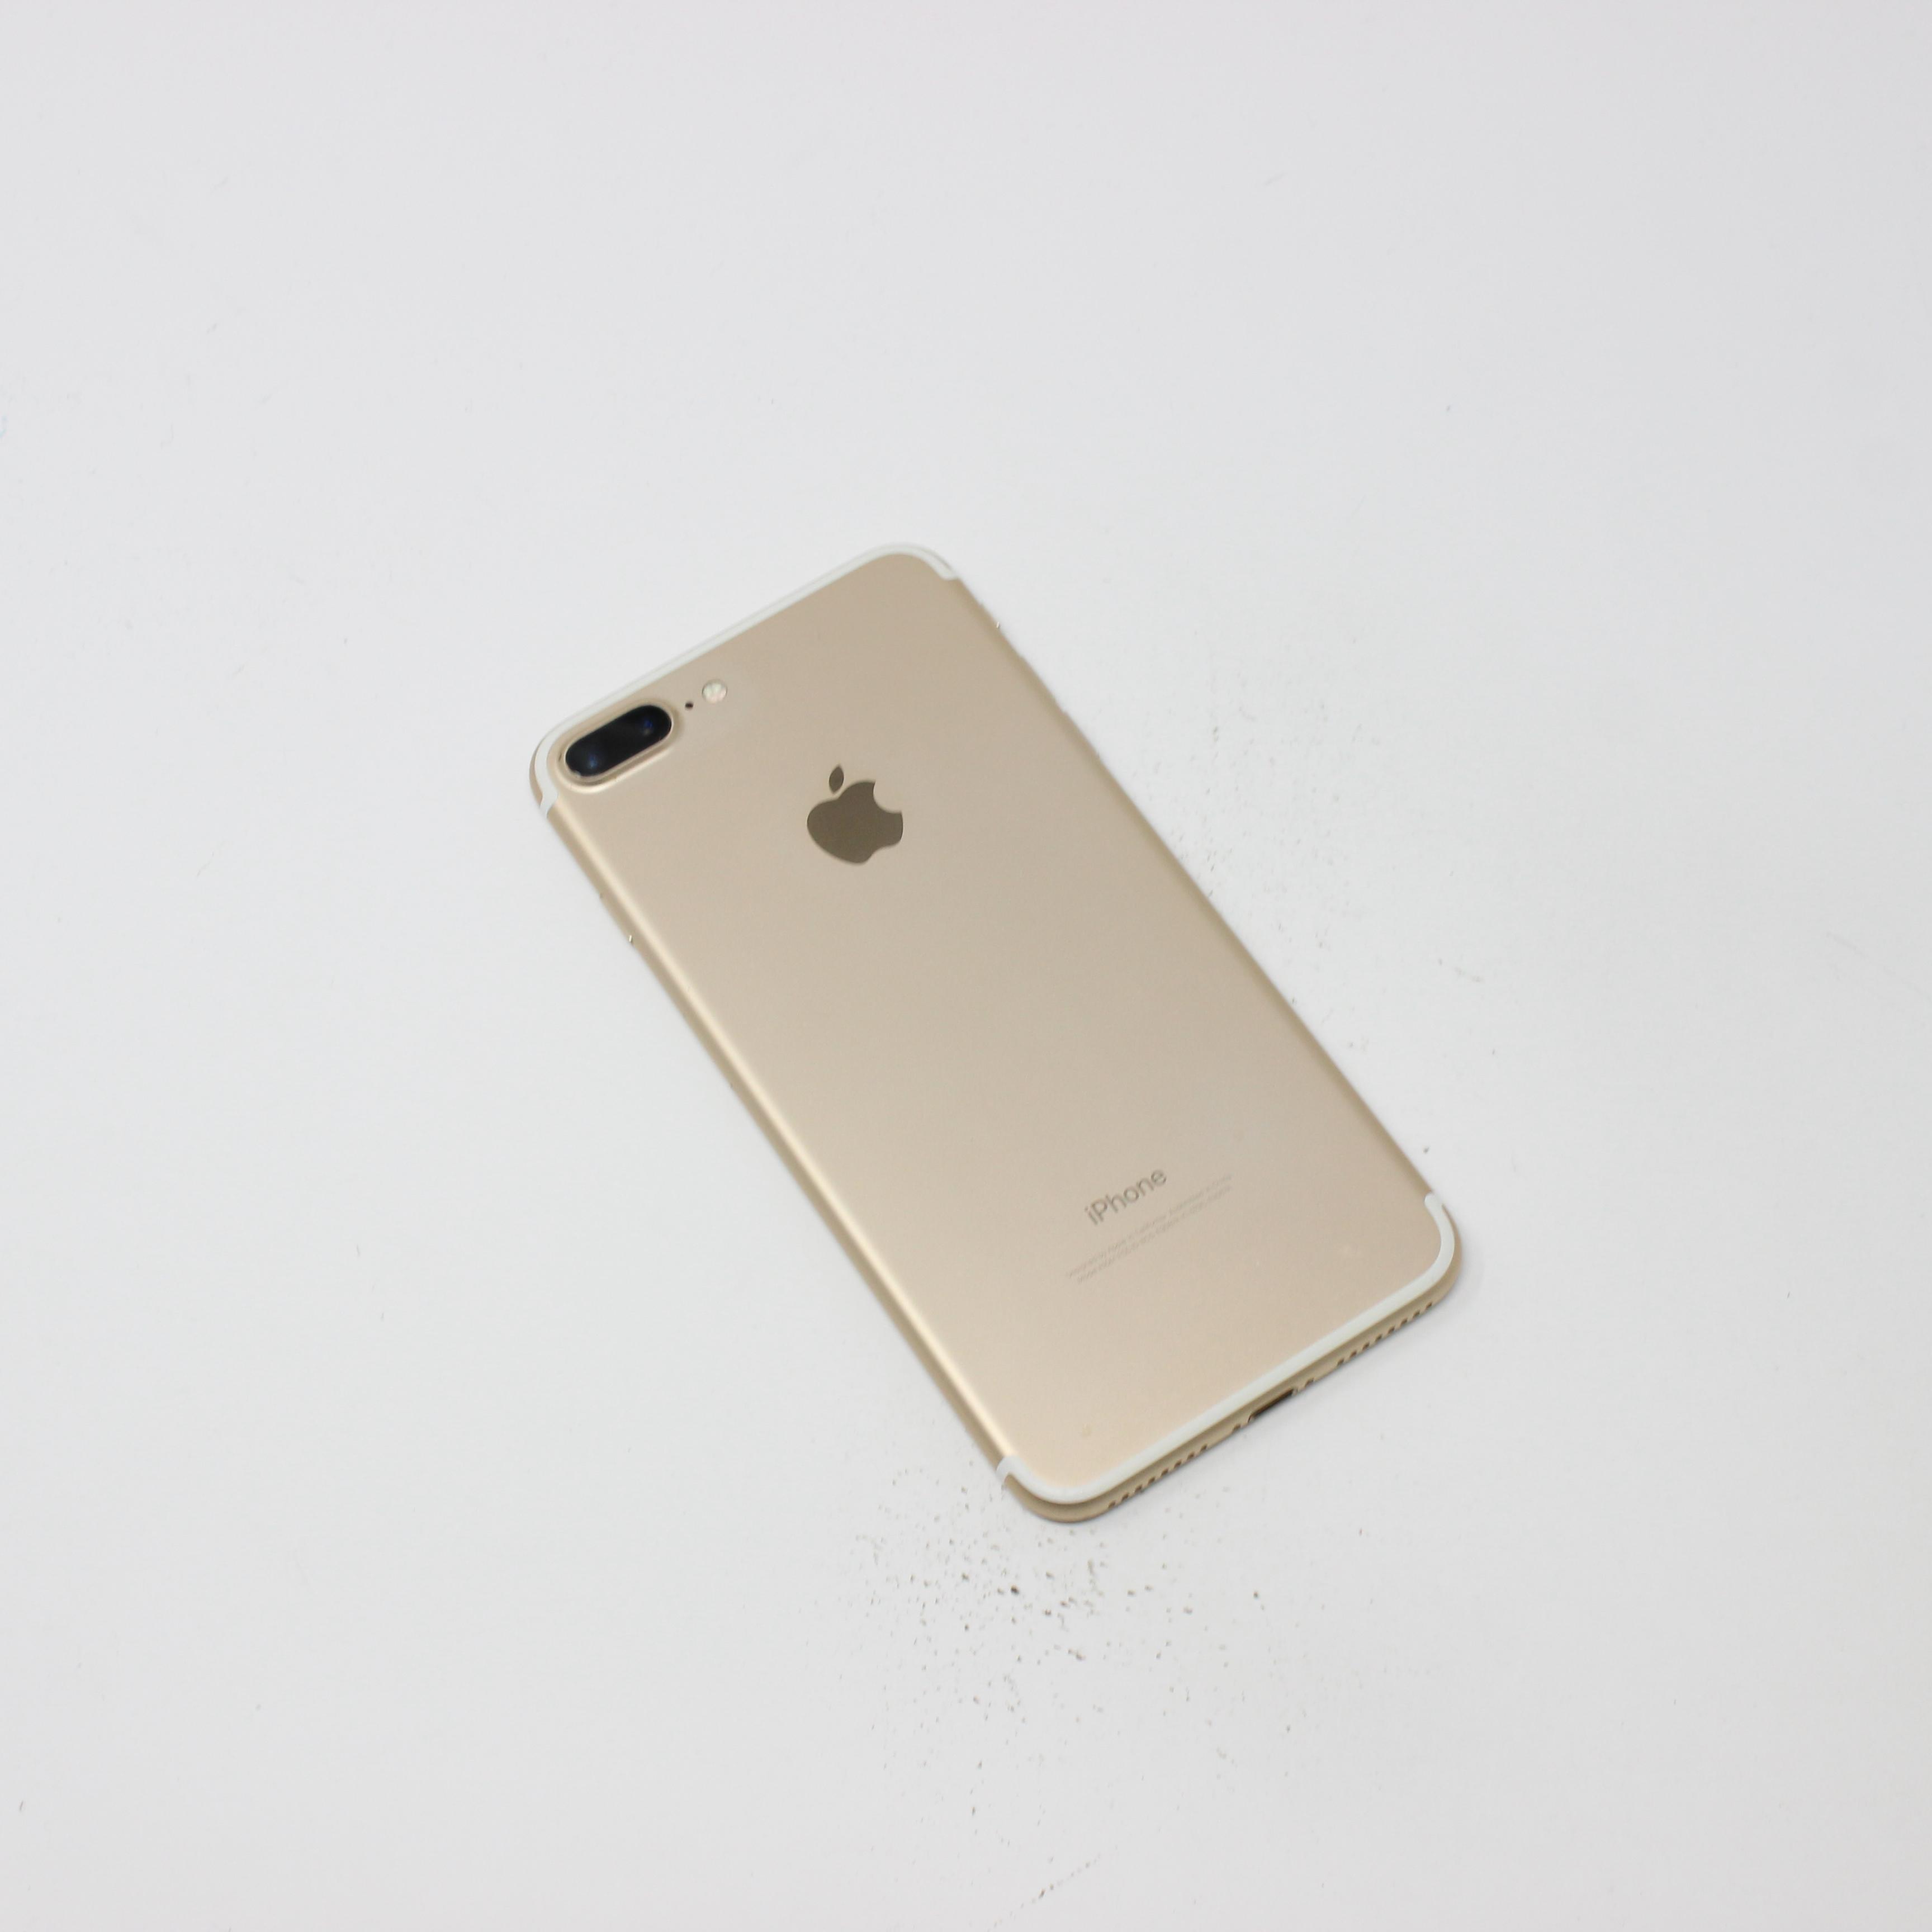 iPhone 7 Plus 32GB Gold - Verizon photo 3   UpTradeit.com